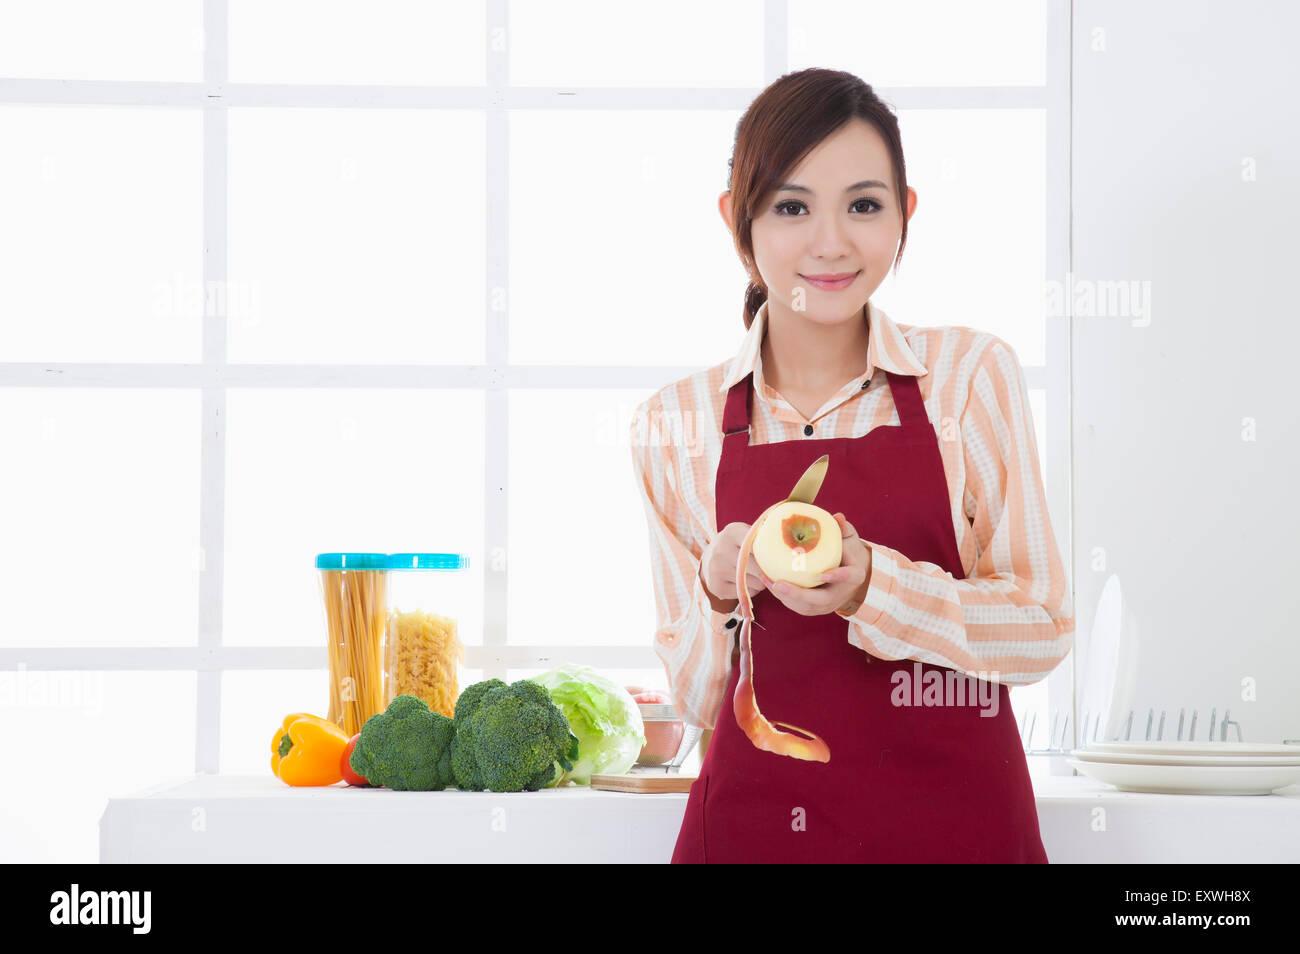 Young woman peeling une pomme et souriant à la caméra, Photo Stock